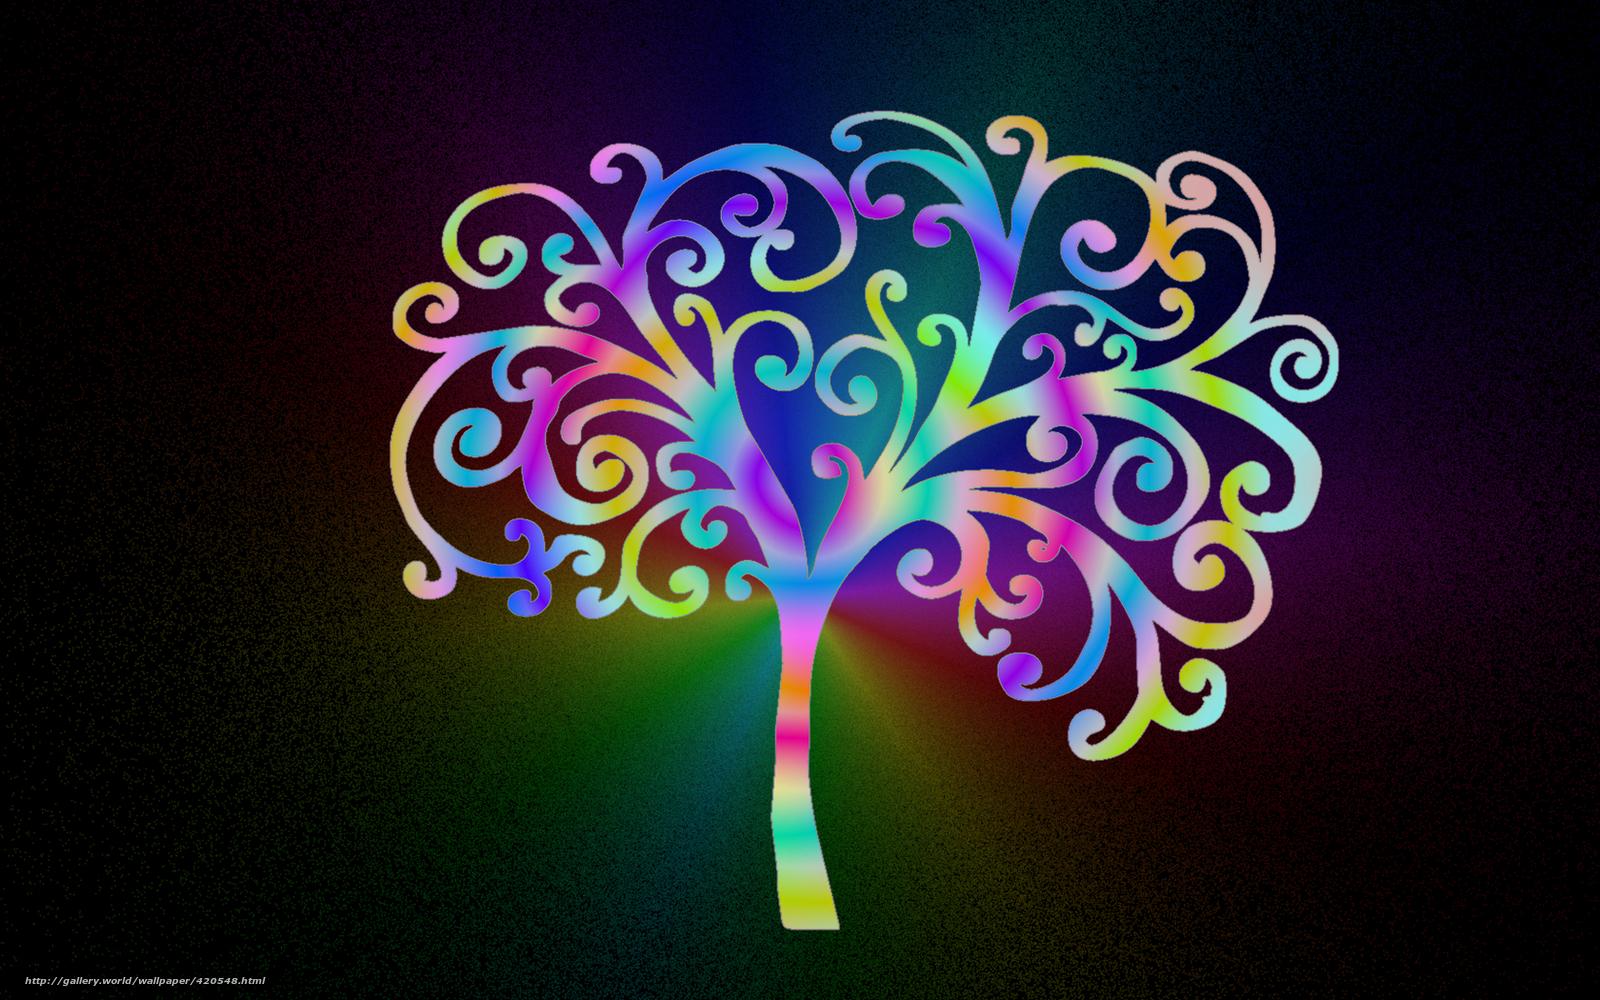 tlcharger fond d 39 ecran arbre dessin sable couleur fonds d 39 ecran gratuits pour votre rsolution. Black Bedroom Furniture Sets. Home Design Ideas